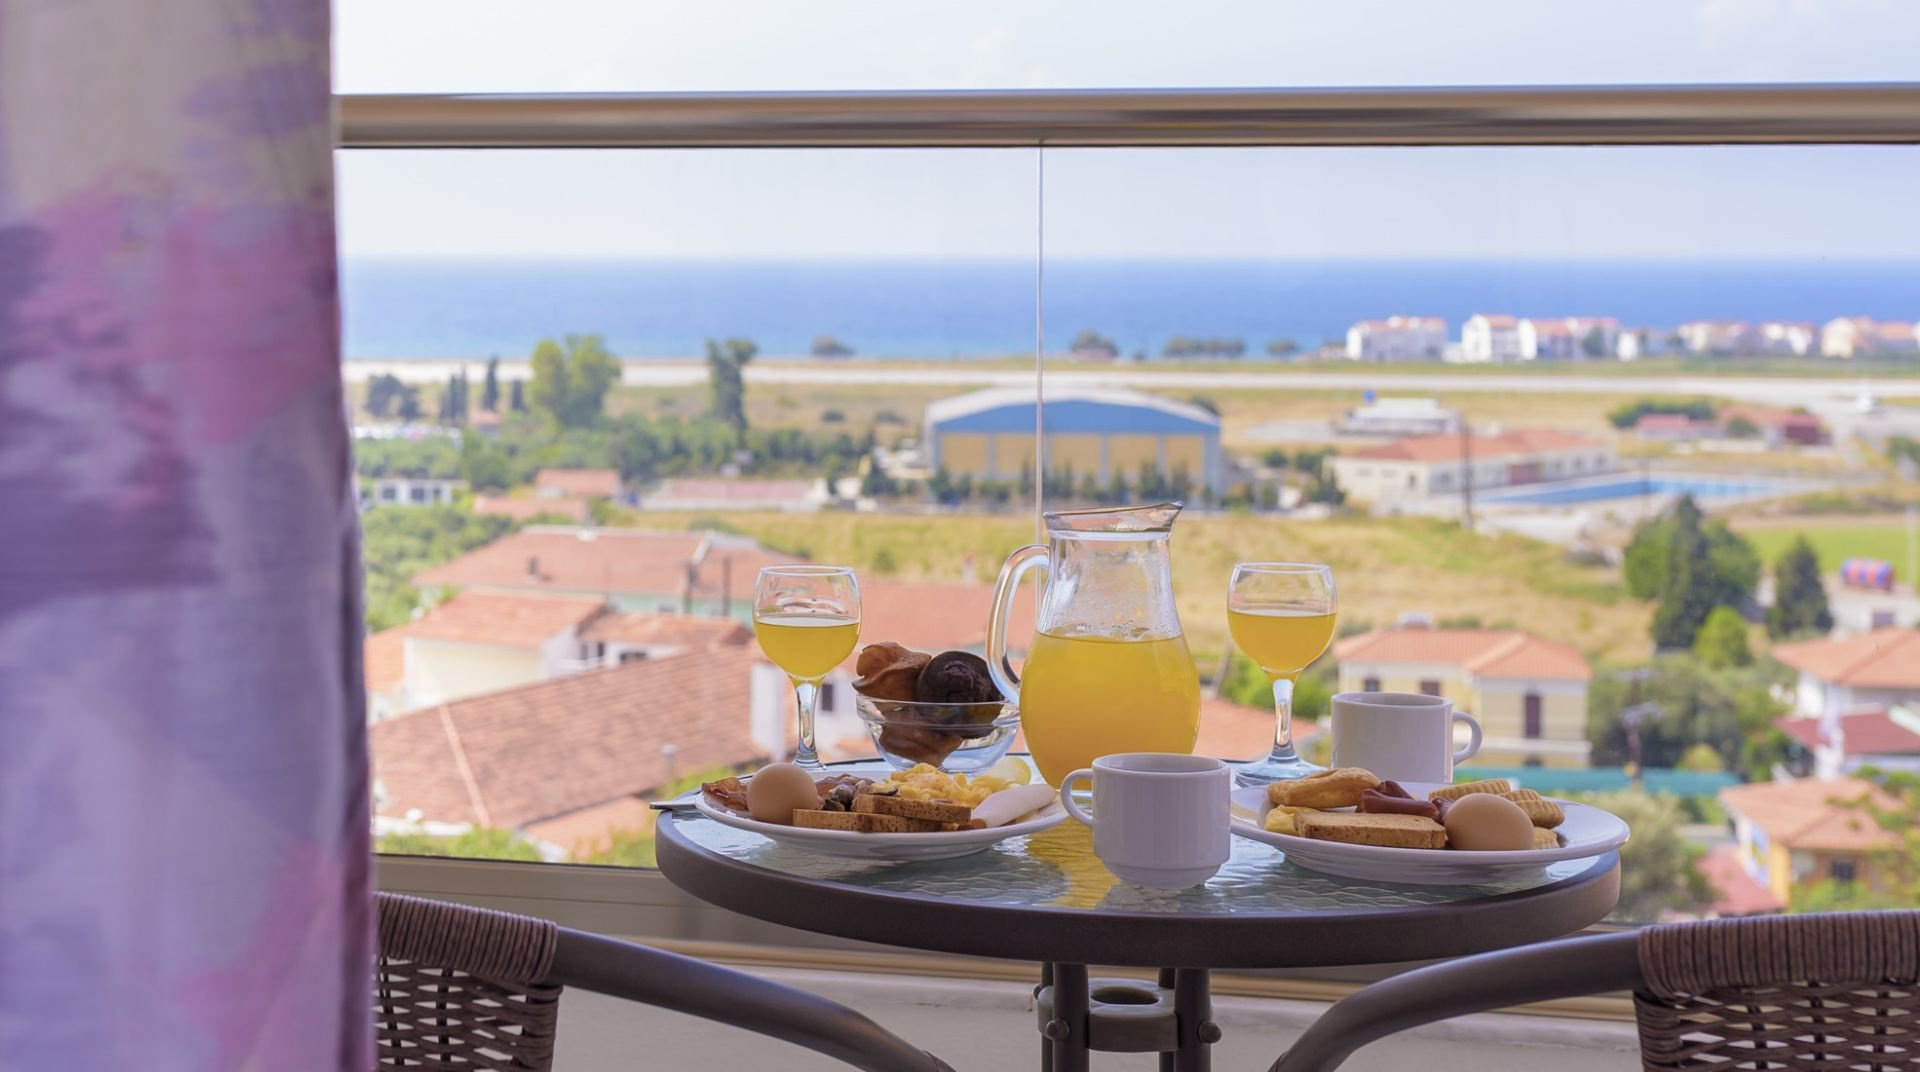 Το πρωινό από το δωμάτιο με θέα το νησί και την θάλασσα στον ορίζοντα